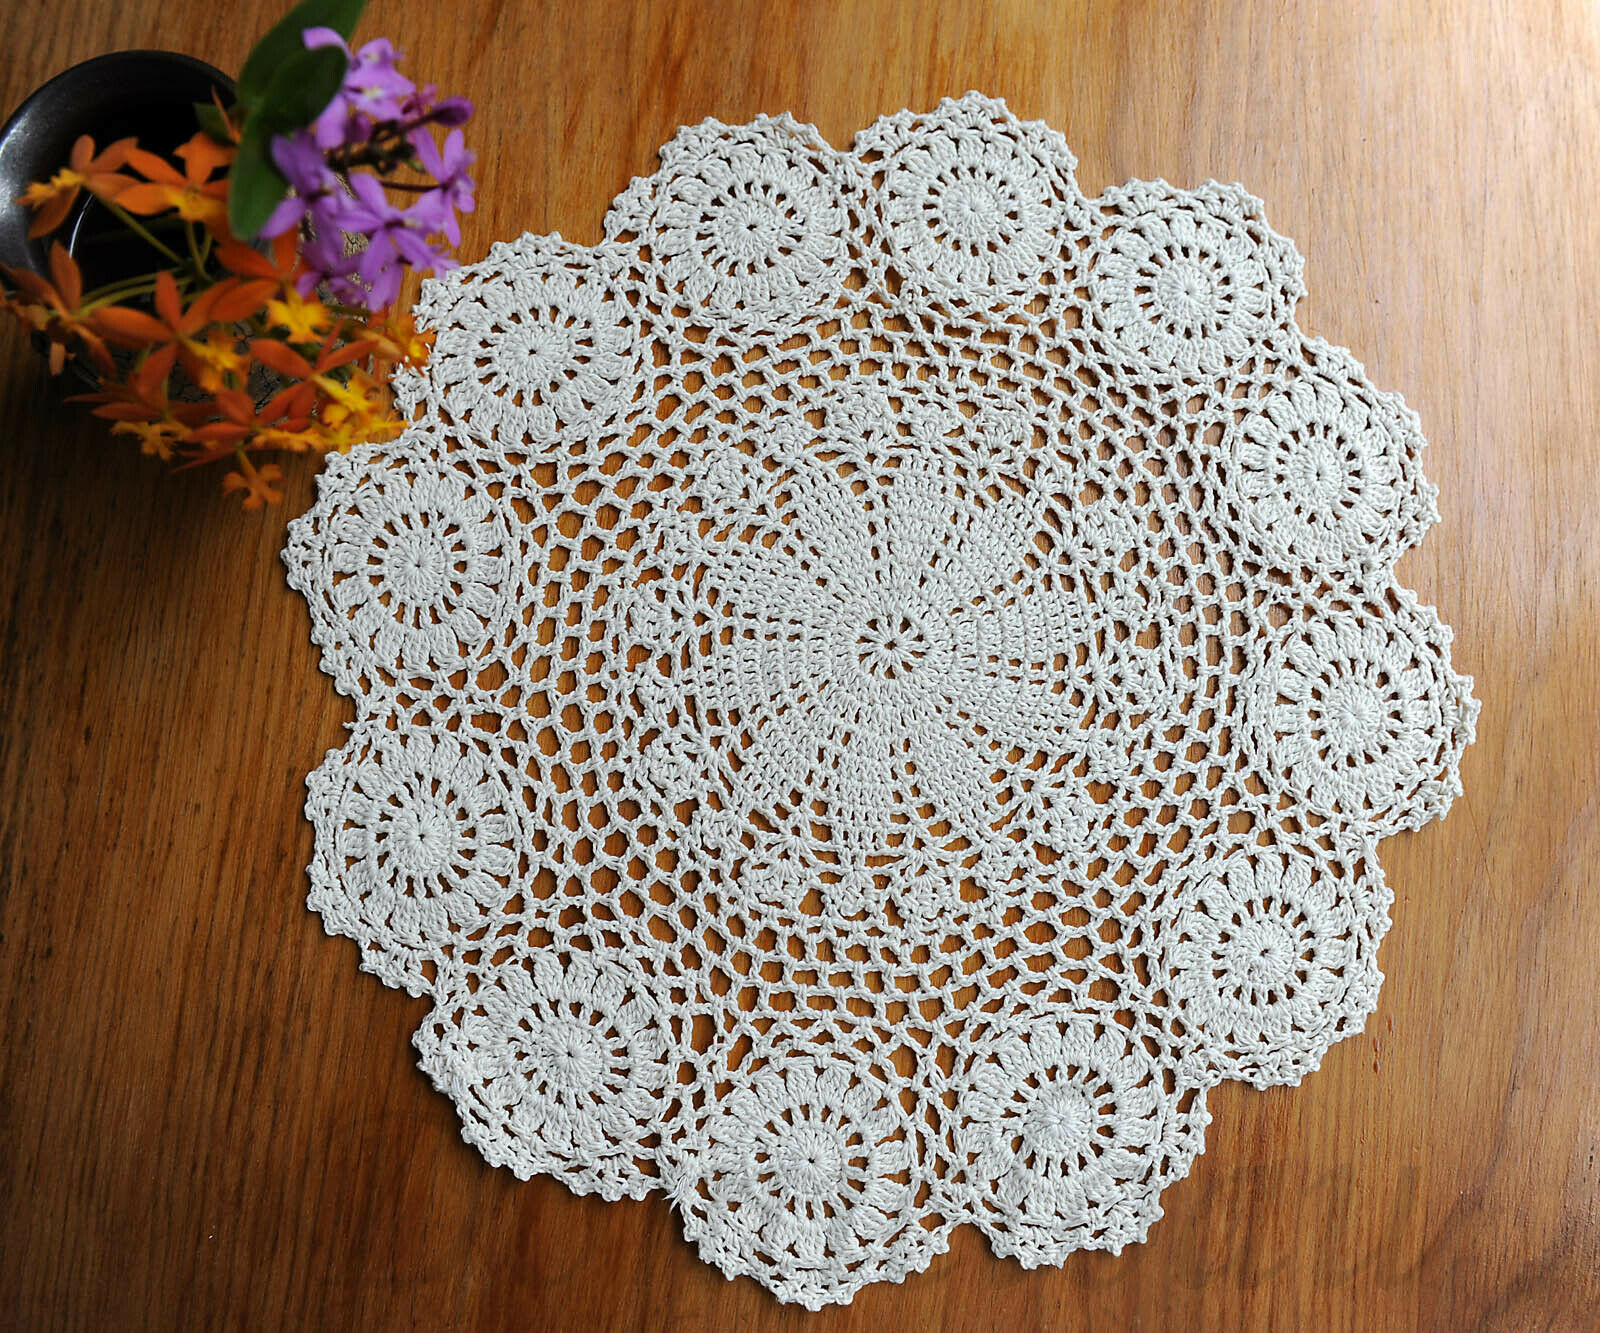 2pcs White Flower 22CM Cotton Yarn Hand Crochet Lace Doilies Placemat Coasters